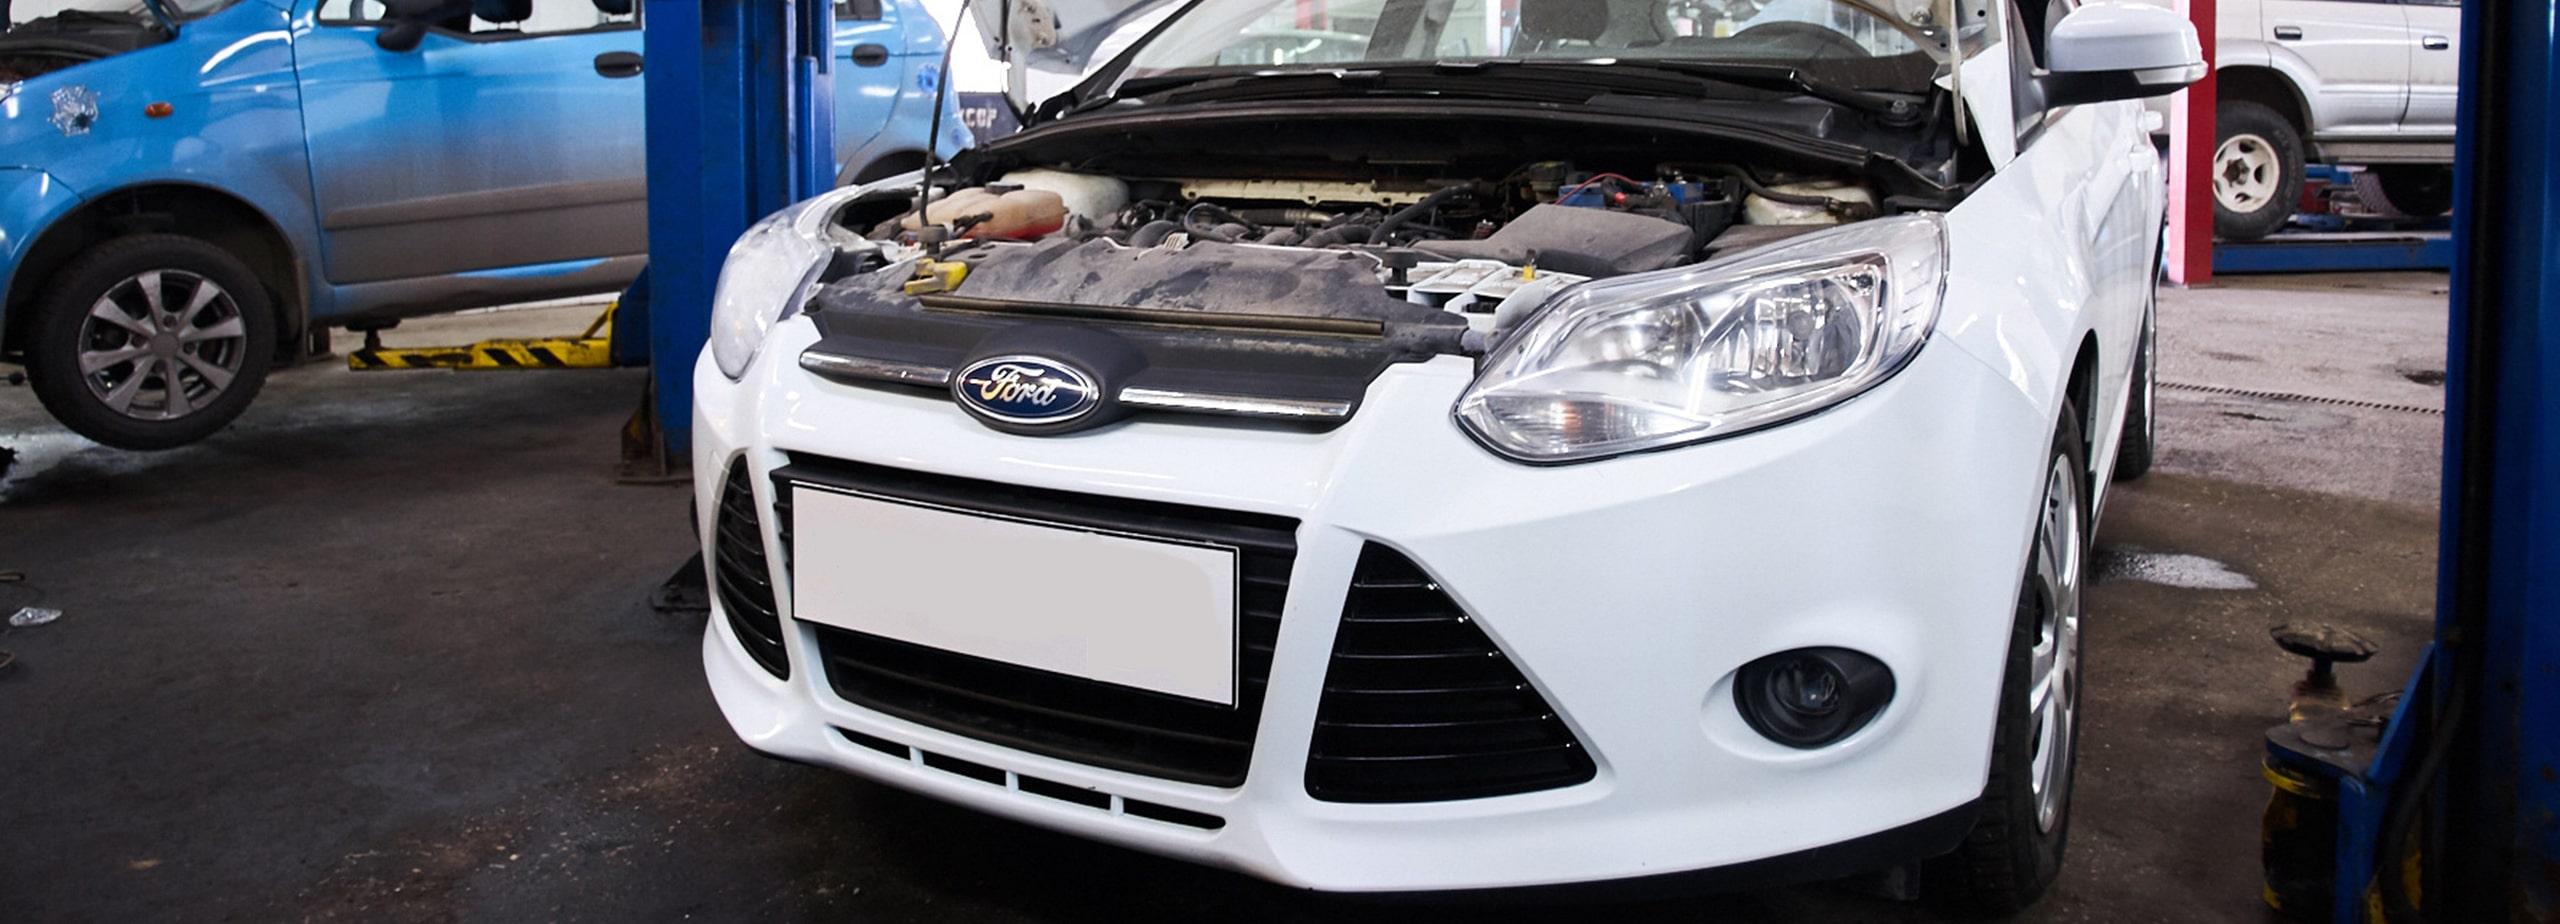 Ремонт Форд в Минске